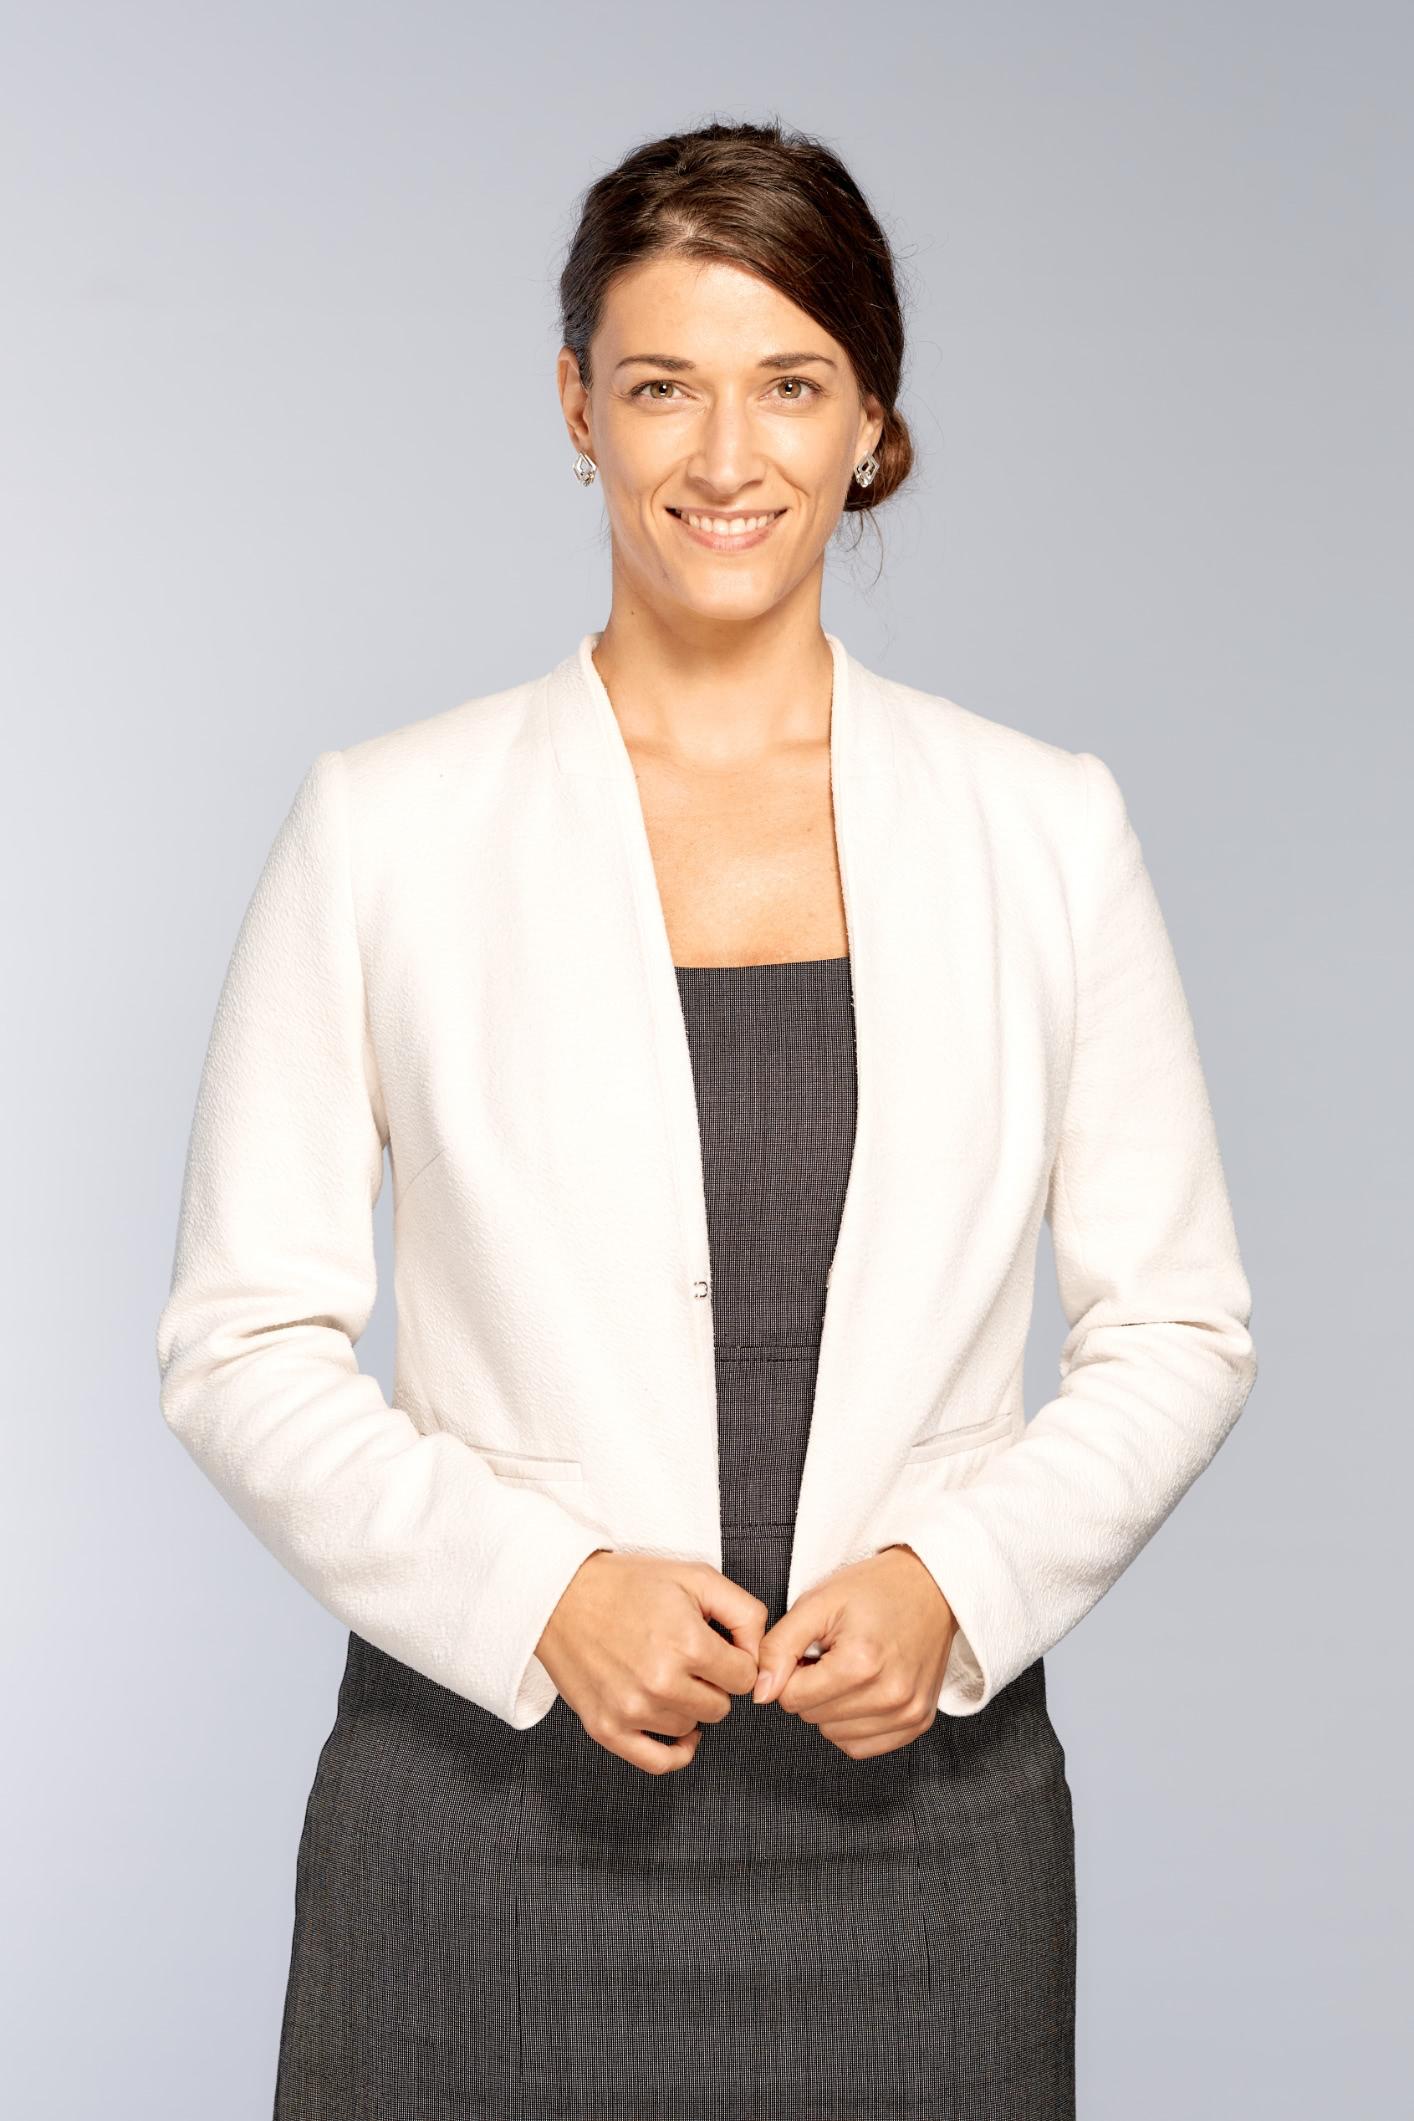 Frauke Pöhler